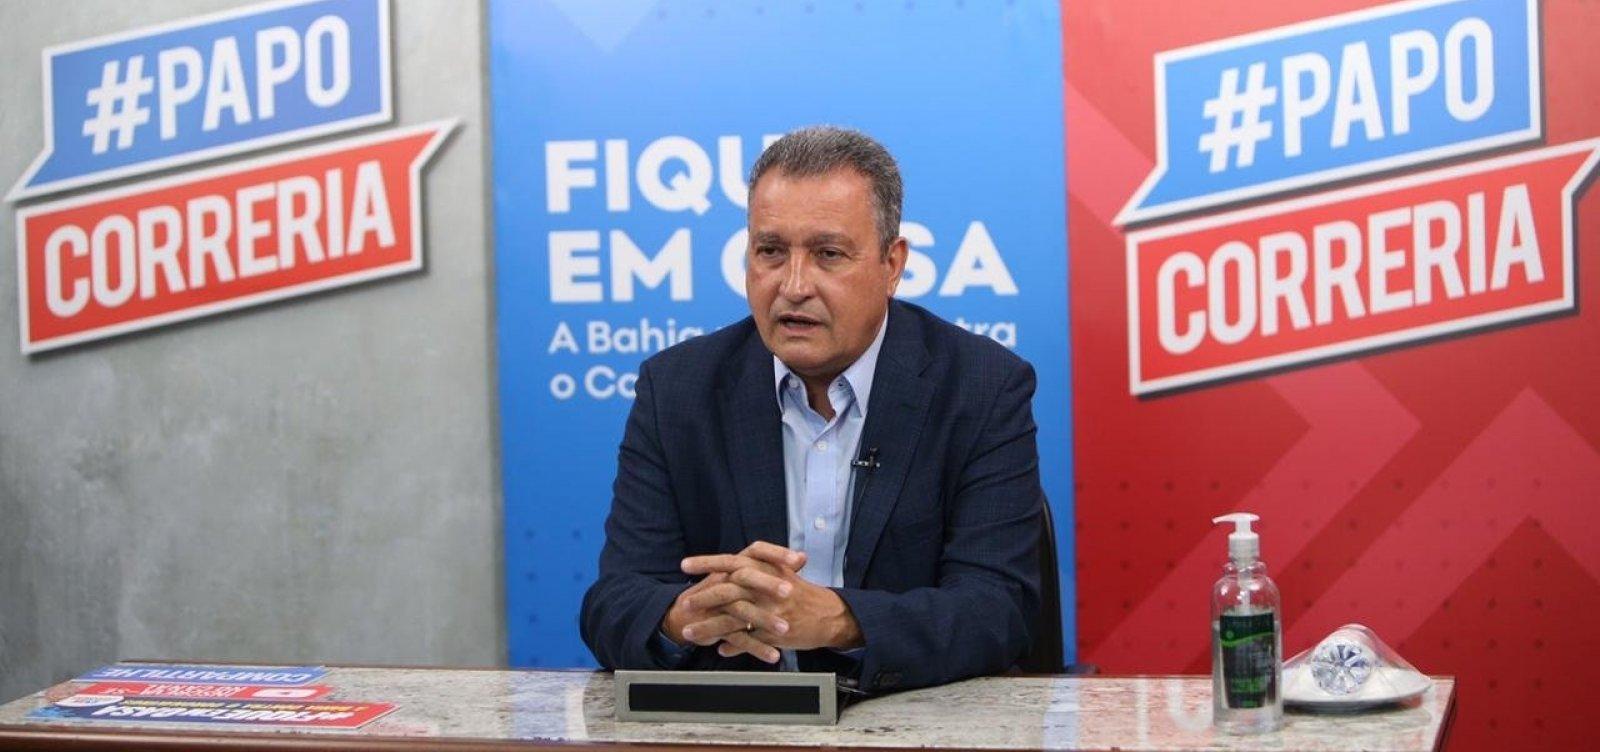 [Governador anuncia ampliação do número de testagens para a Covid-19 na Bahia]